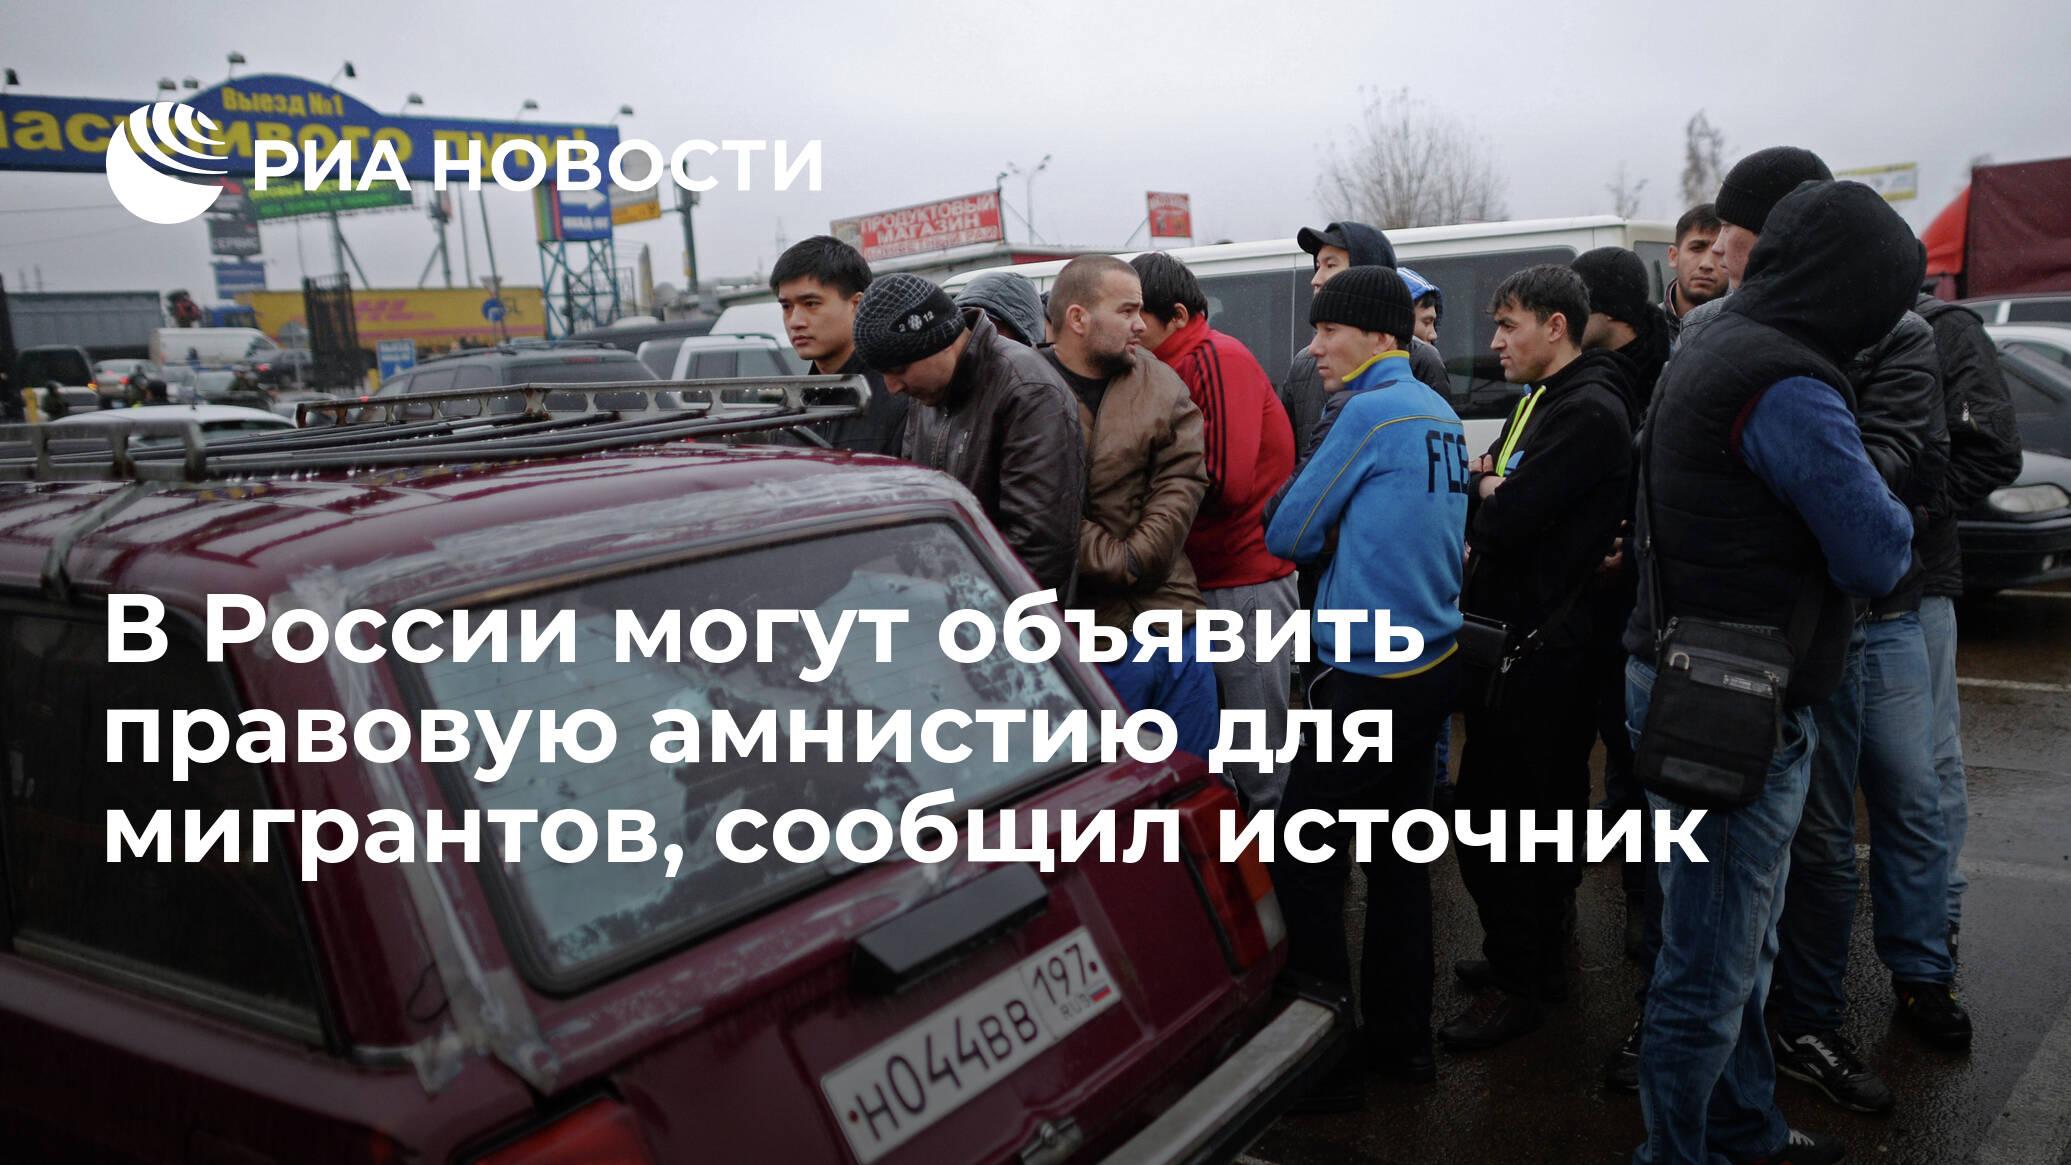 В России могут объявить правовую амнистию для мигрантов, сообщил источник